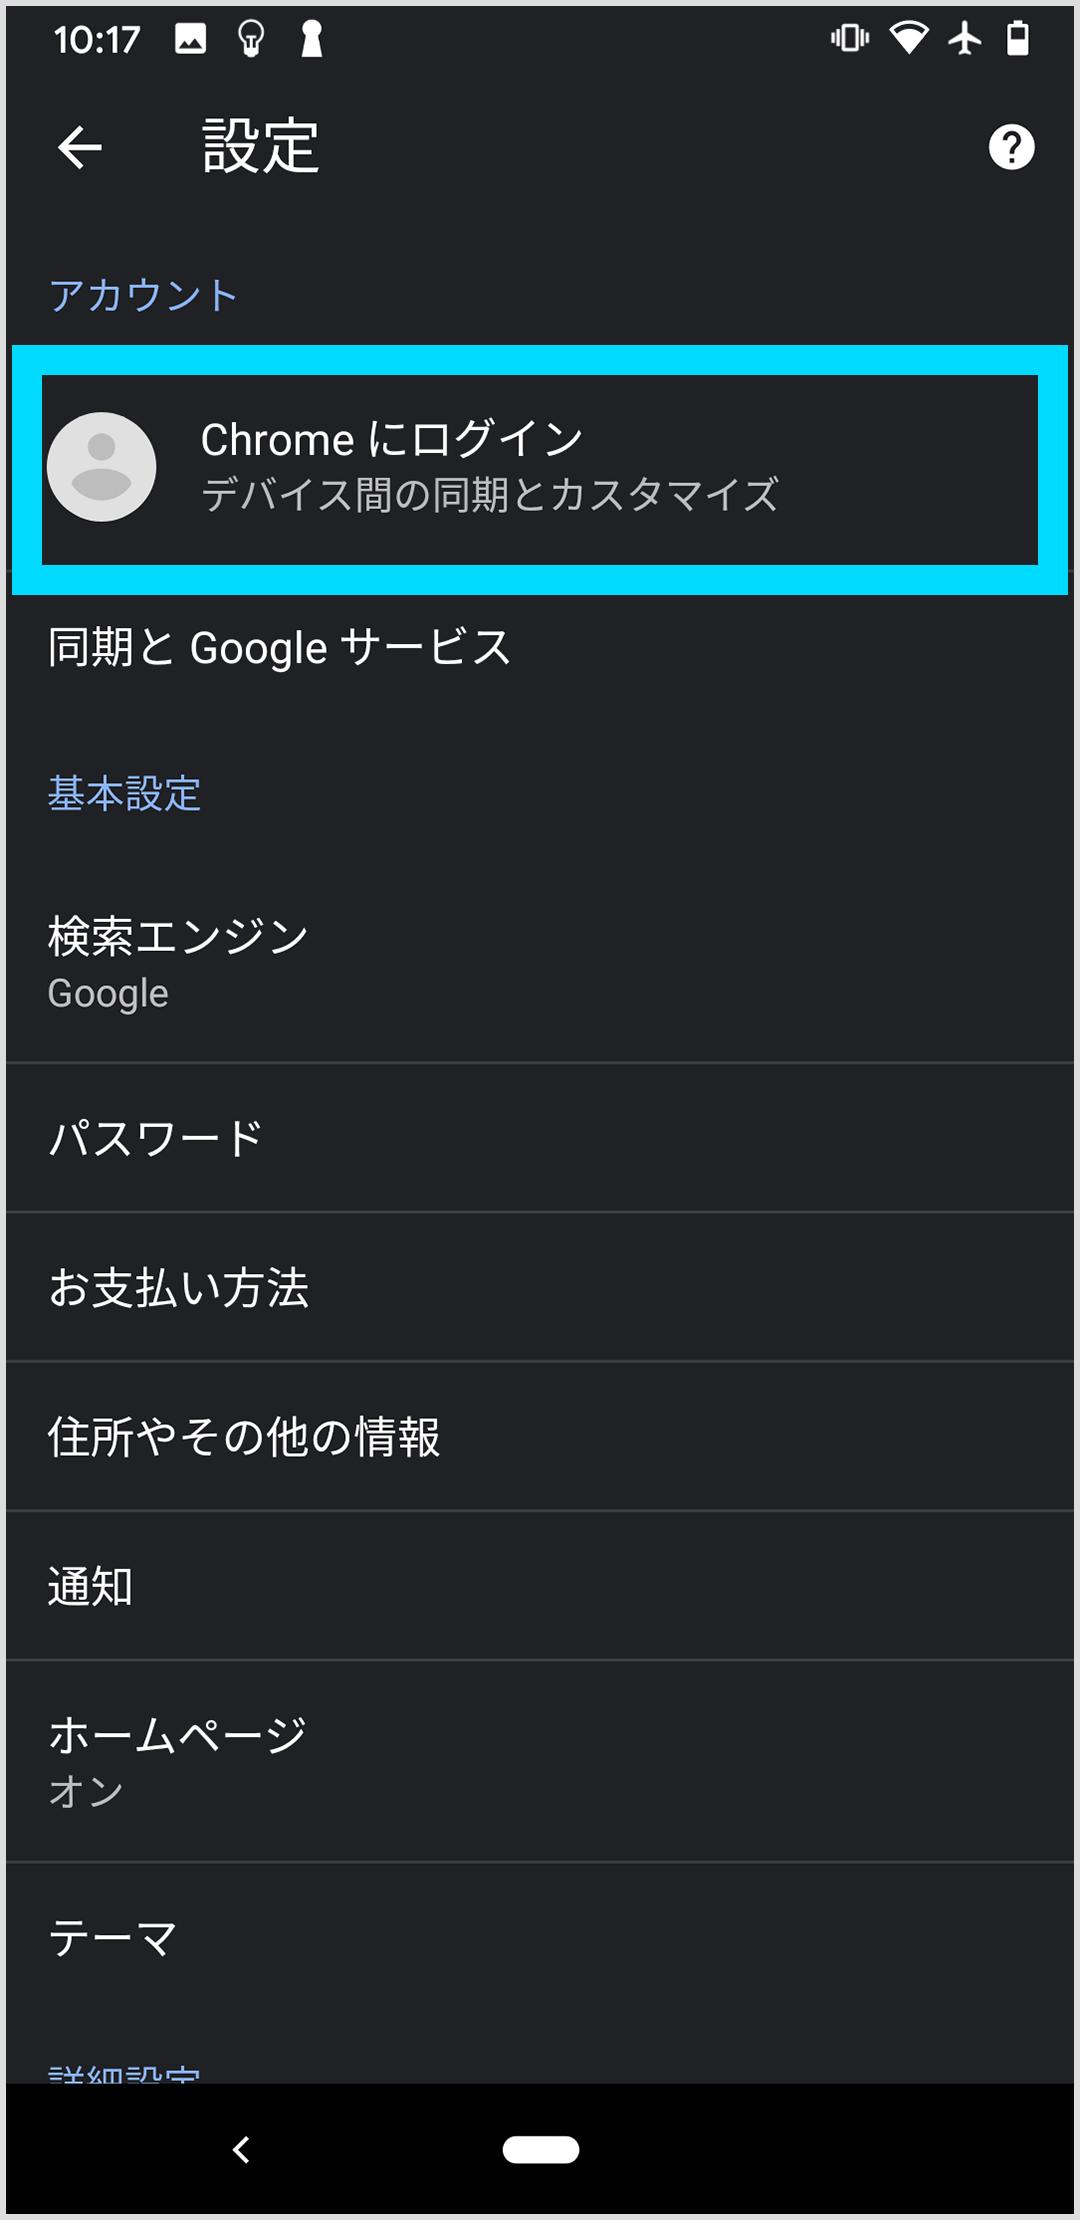 Android - Chromeのパスワード設定画面